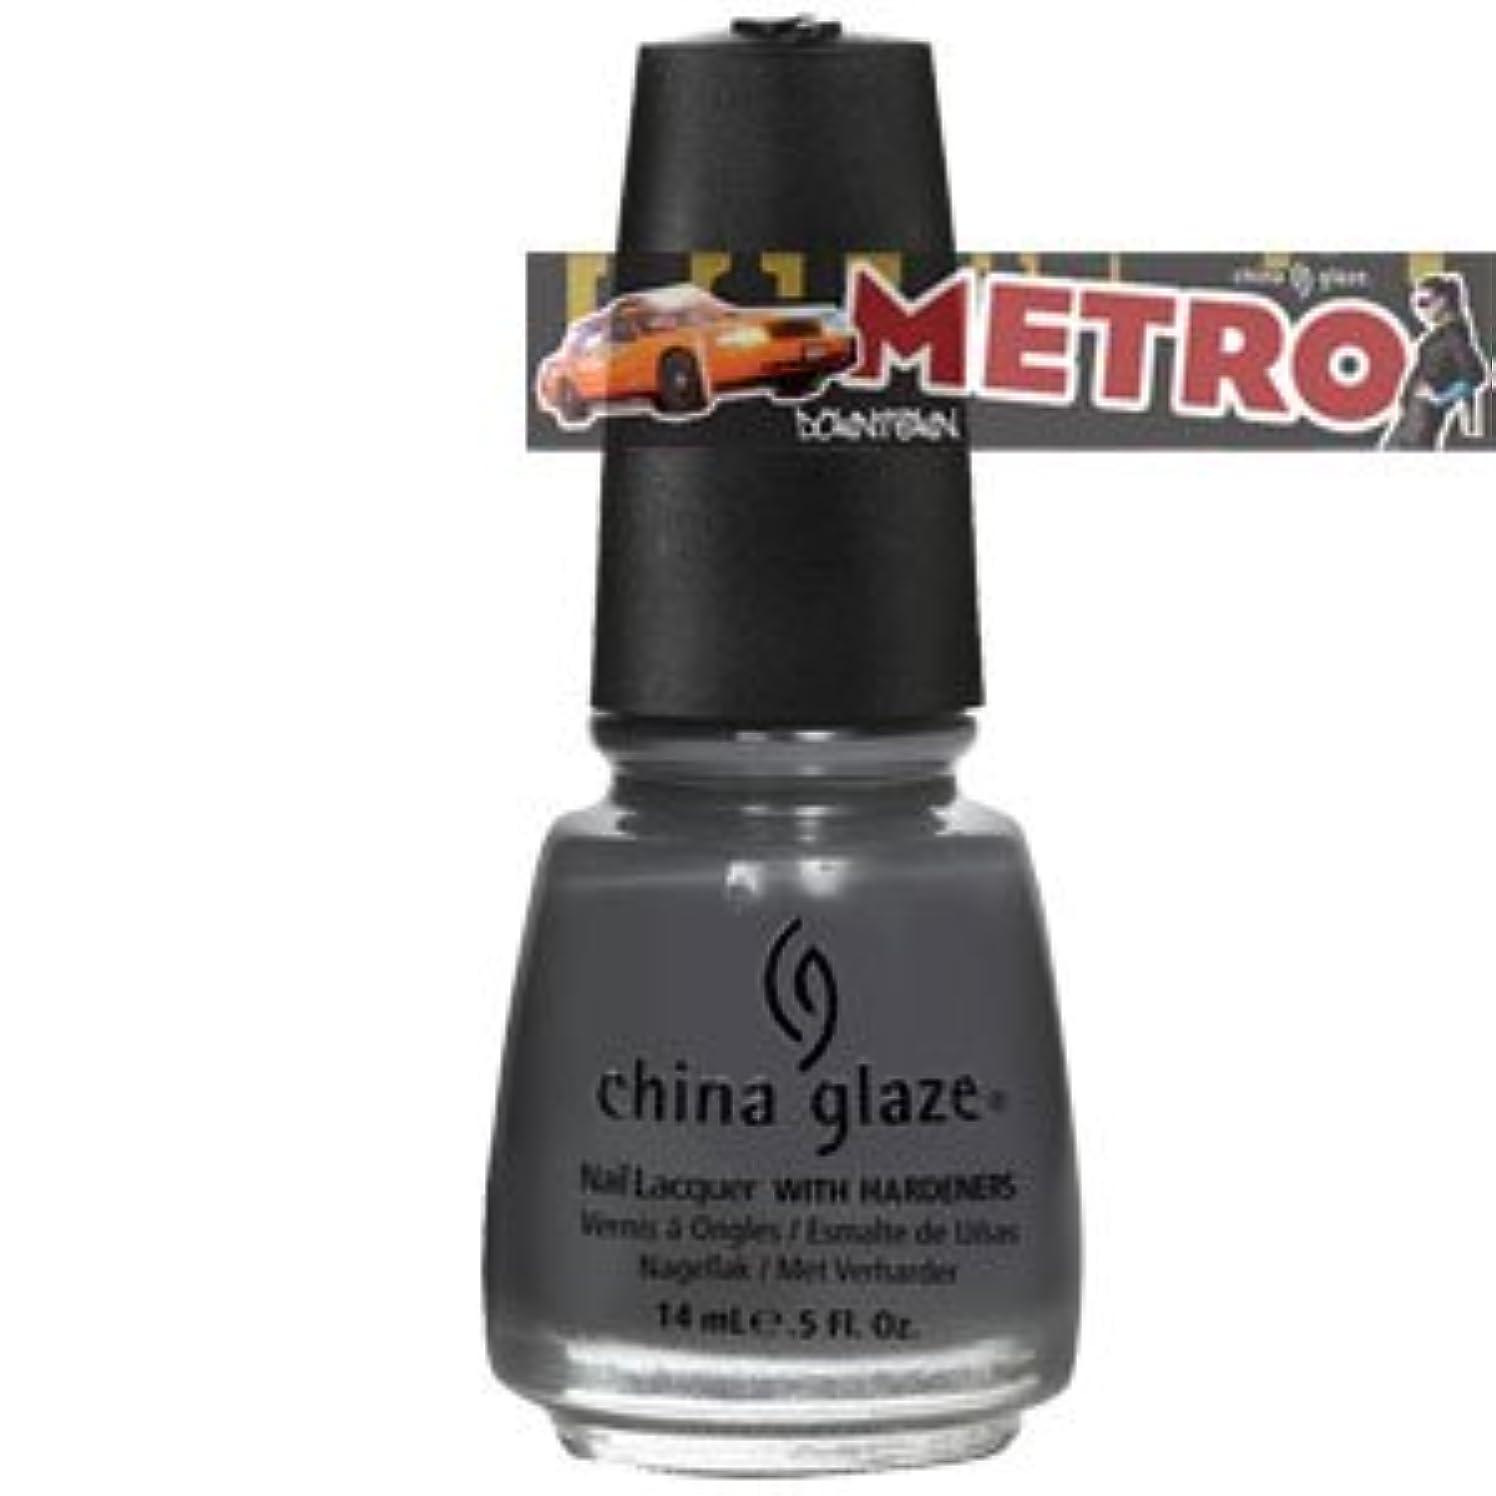 アリ拒絶専門(チャイナグレイズ)China Glaze メトロコレクション? Concrete Catwalk [海外直送品][並行輸入品]